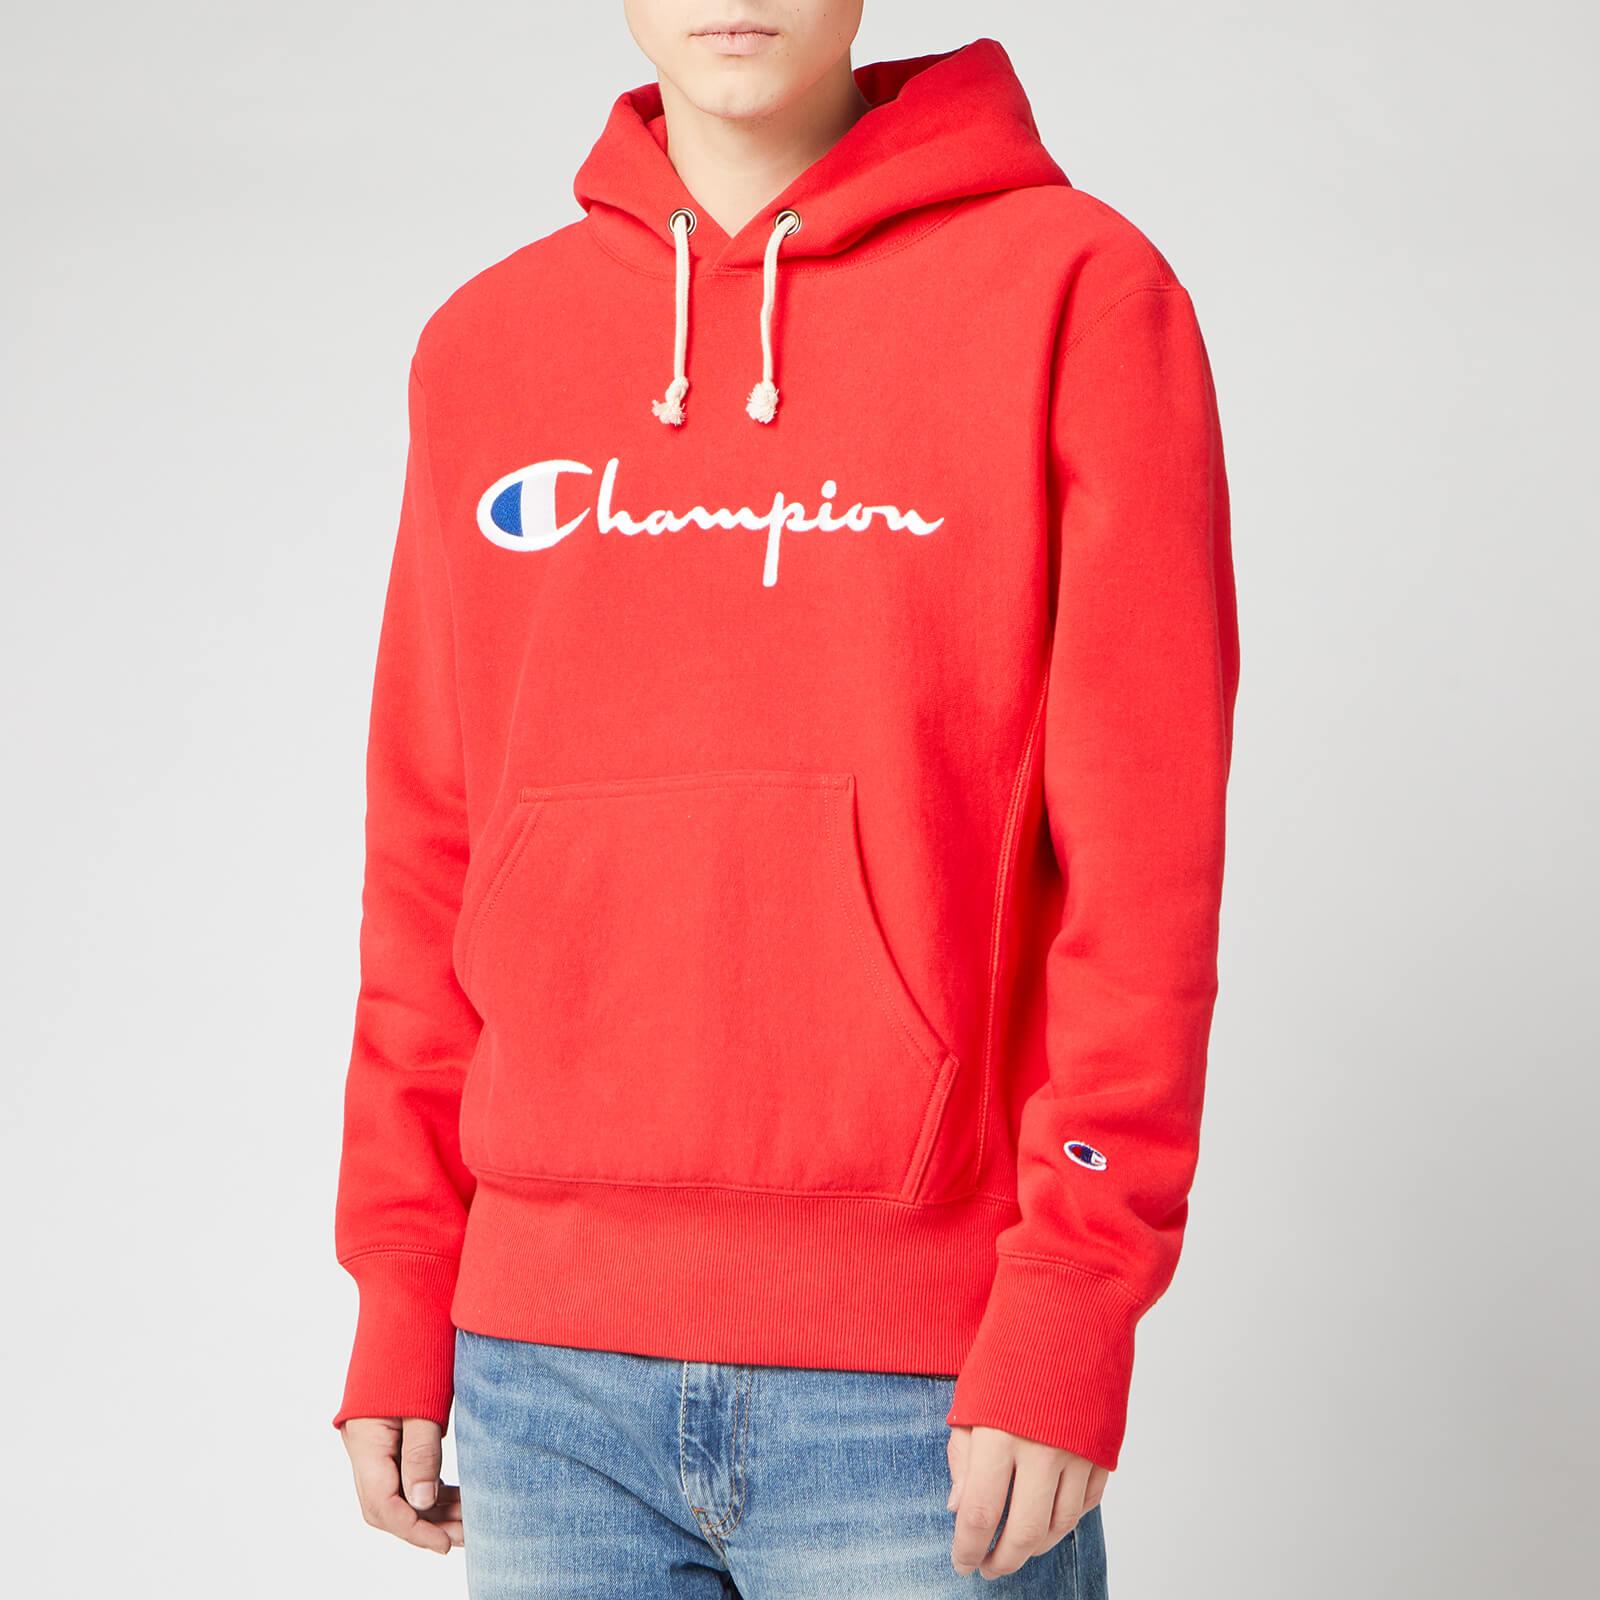 myydyin tuote kuumia uusia tuotteita hyvä istuvuus Champion Men's Big Script Hooded Sweatshirt - Red